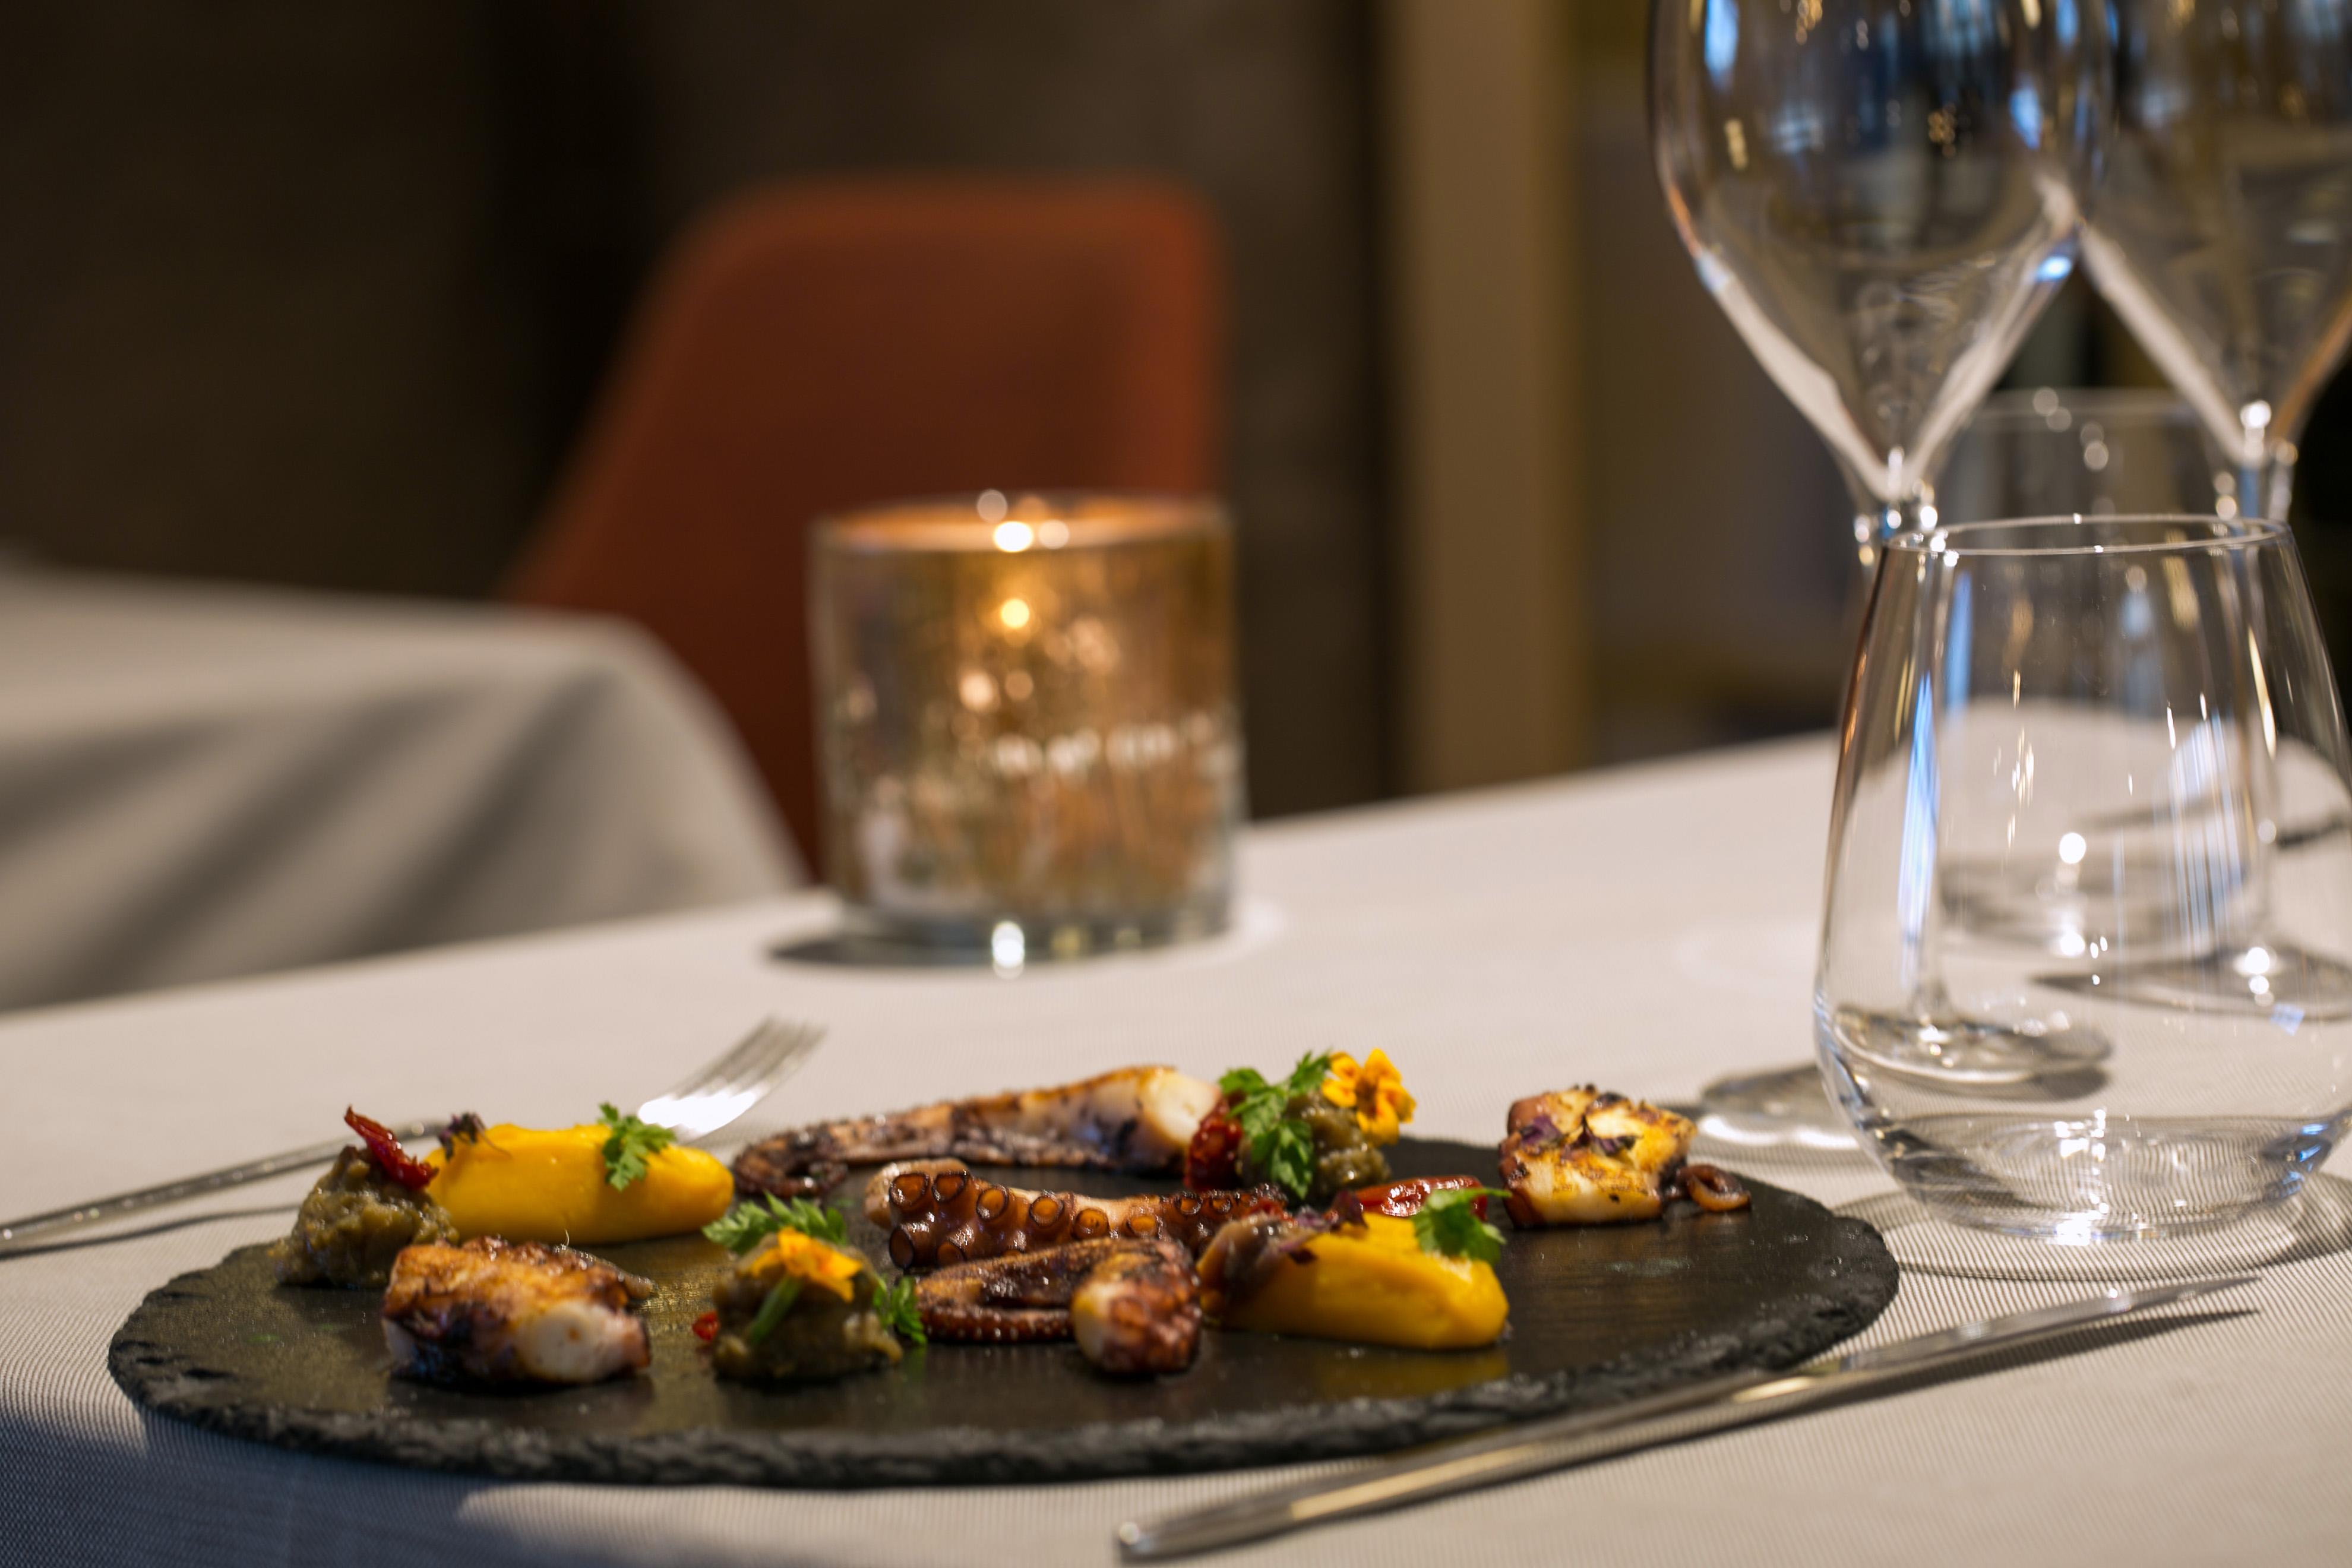 Luxury Wellness - Soggiorno con Spa e cena a 269,00€ a coppia ...